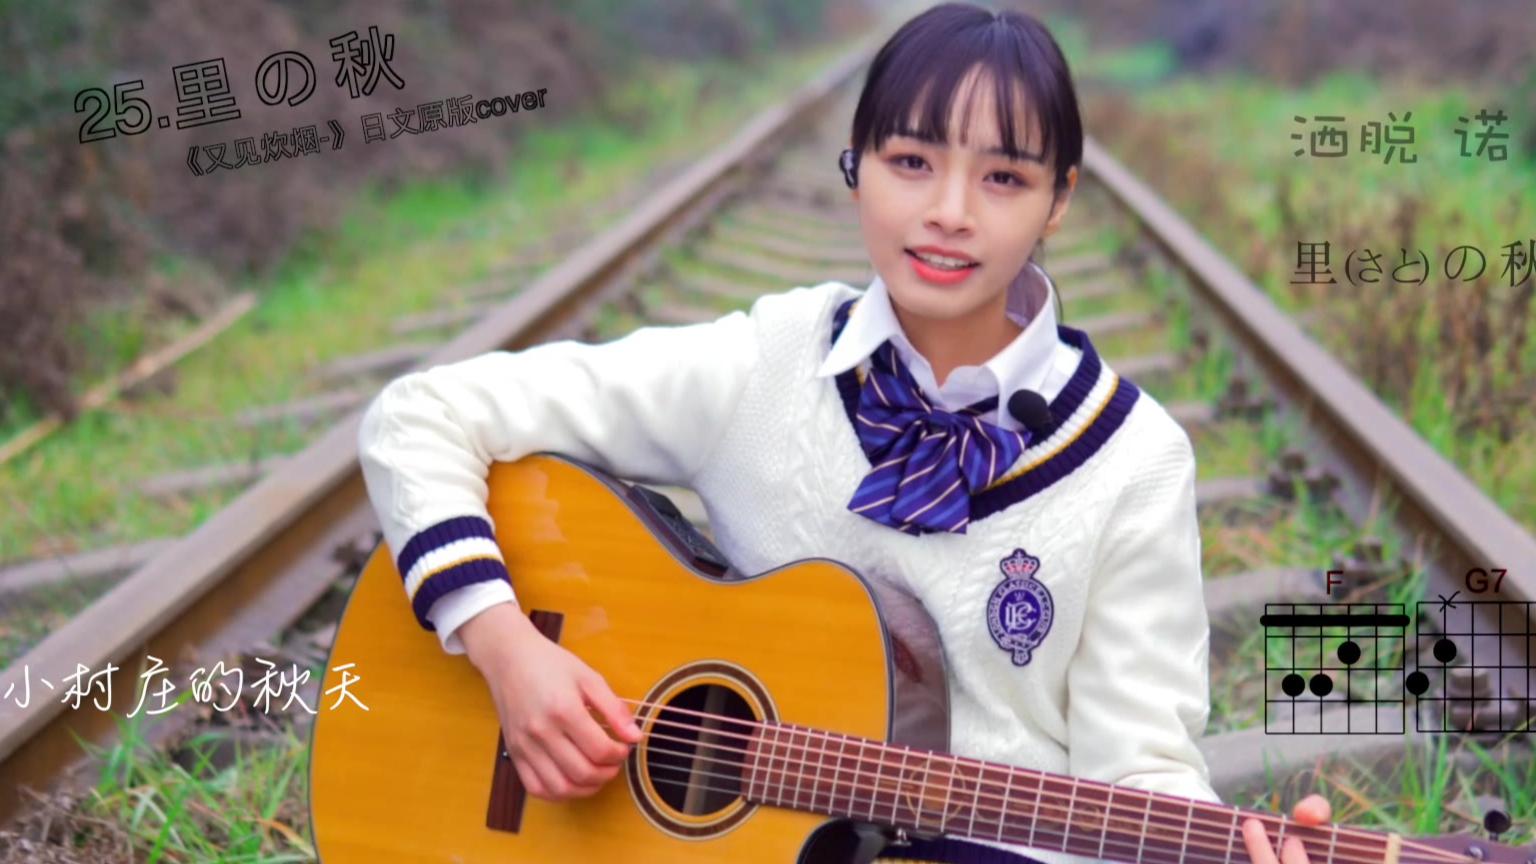 弹吉他唱日语歌的第25天:日本童谣-里の秋(中文版又见炊烟)